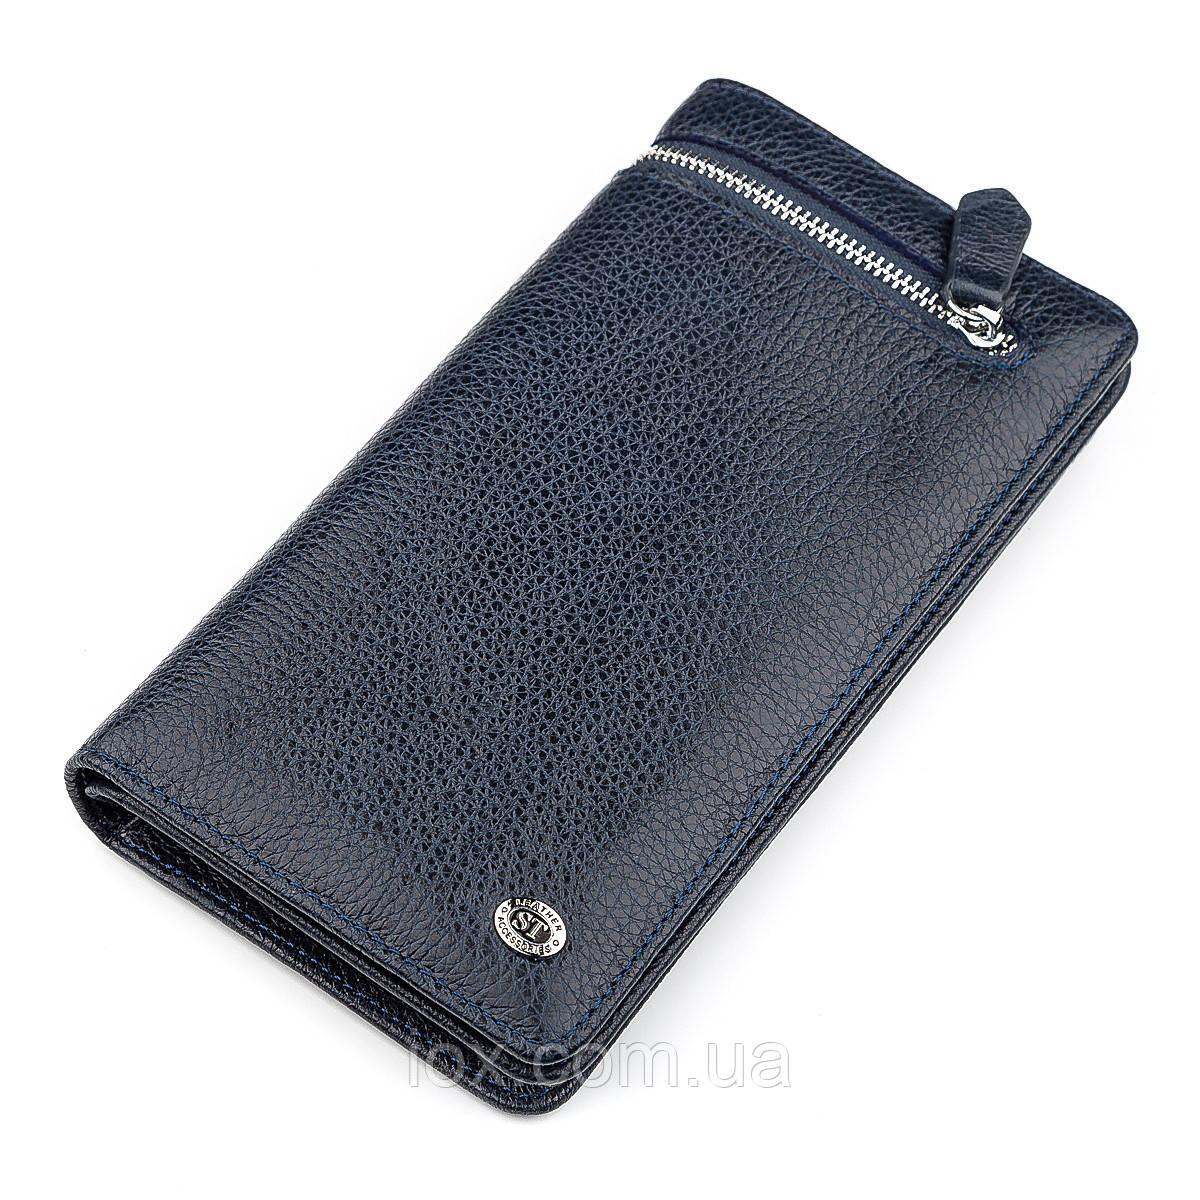 Мужской кошелек ST Leather 18443 (ST291) многофункциональный Синий